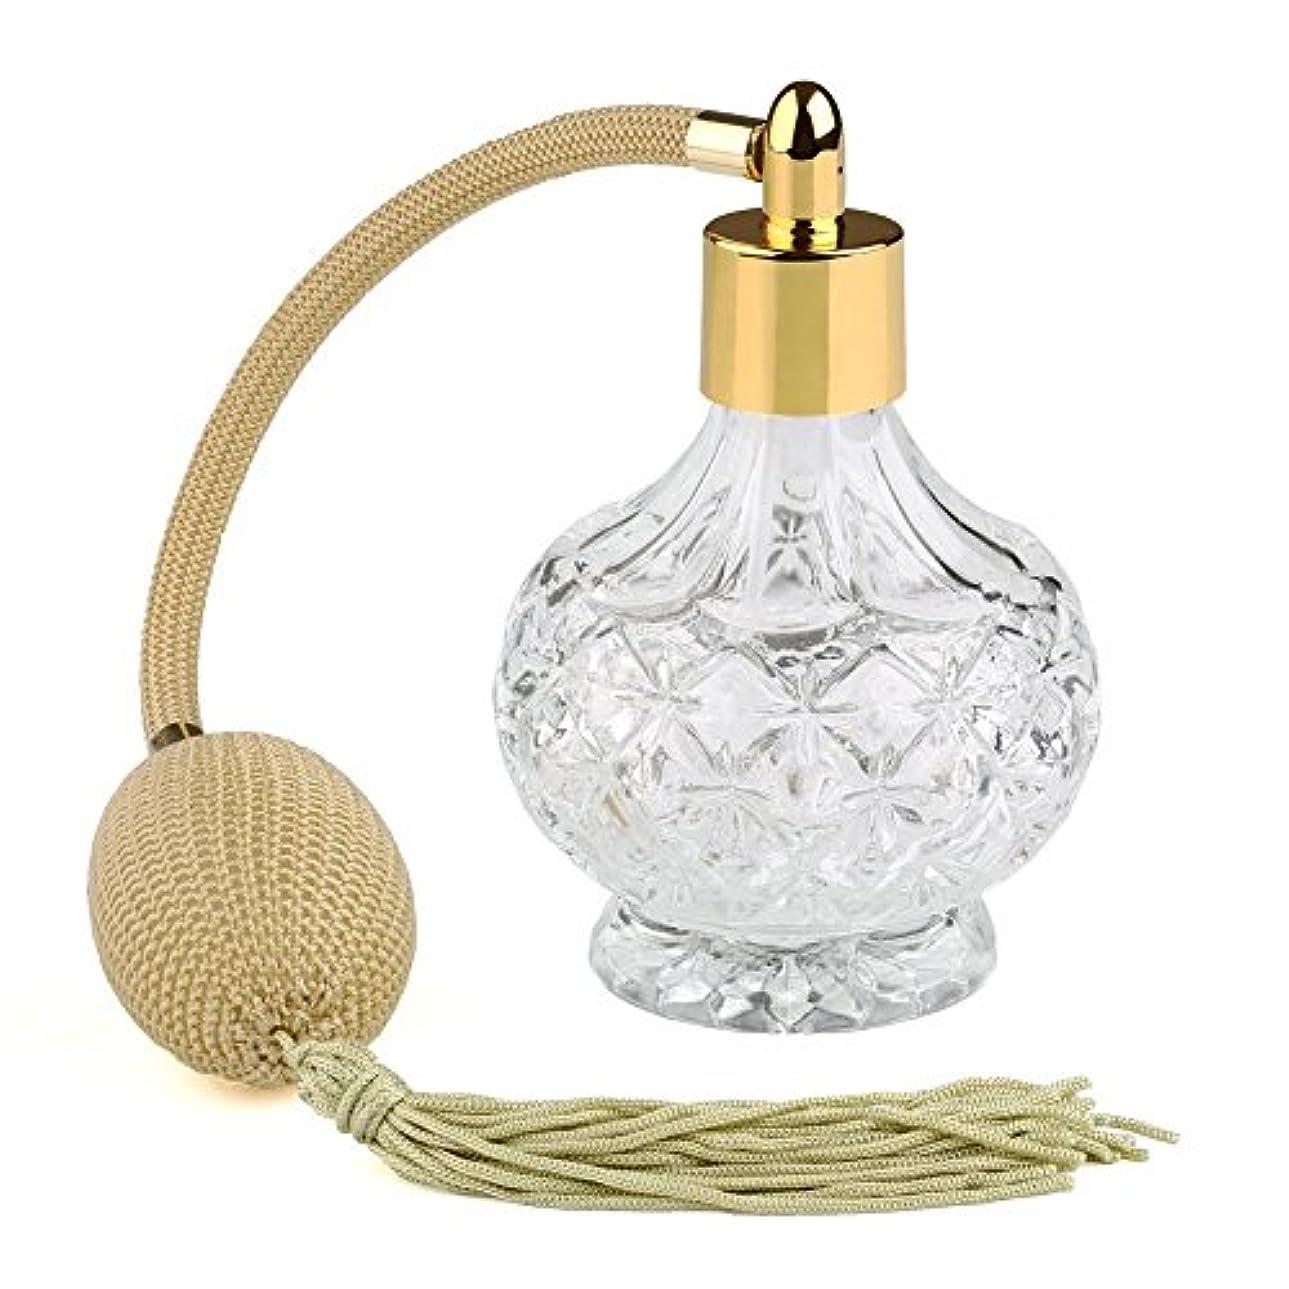 ノベルティ征服するひもRunFar 高品質 18MMガラスボトル香水瓶 ポンプ式 香水瓶 アトマイザー  クリア星柄ストリームライン デザイン カーキのフリンジ付きプラスチック・ニットバルブ  ゴールドスプレー 80ML ホーム飾り 装飾雑貨